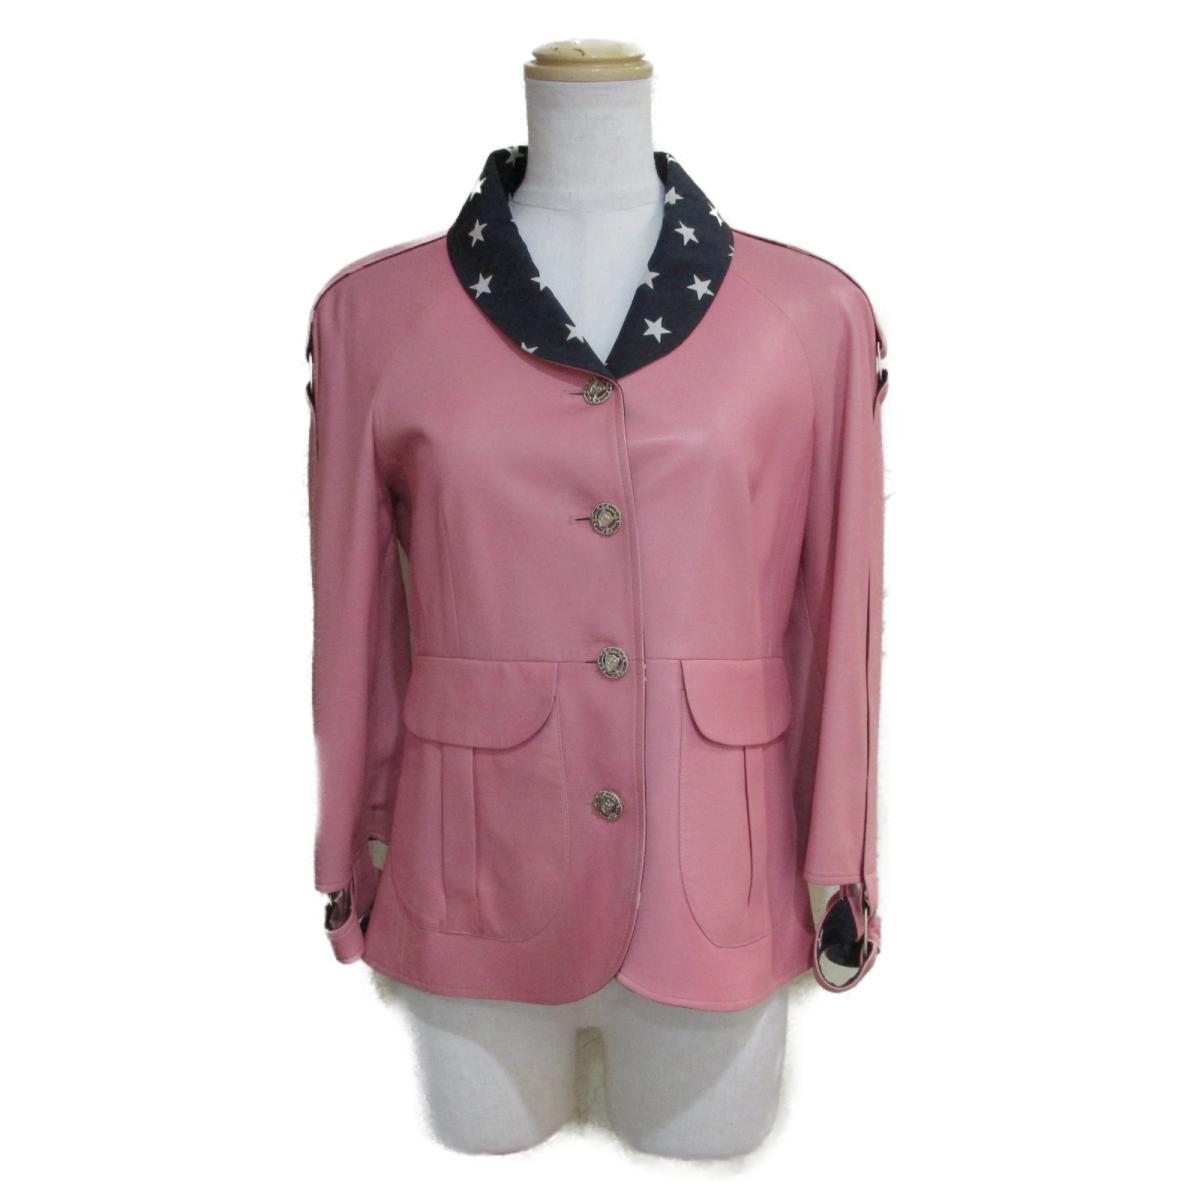 【中古】 シャネル 08P レザー ジャケット レディース ラムスキン100%/スター柄部分:シルク100% ピンク x ネイビー ホワイト (P32983W04138) | CHANEL BRANDOFF ブランドオフ 衣料品 衣類 ブランド アウター コート